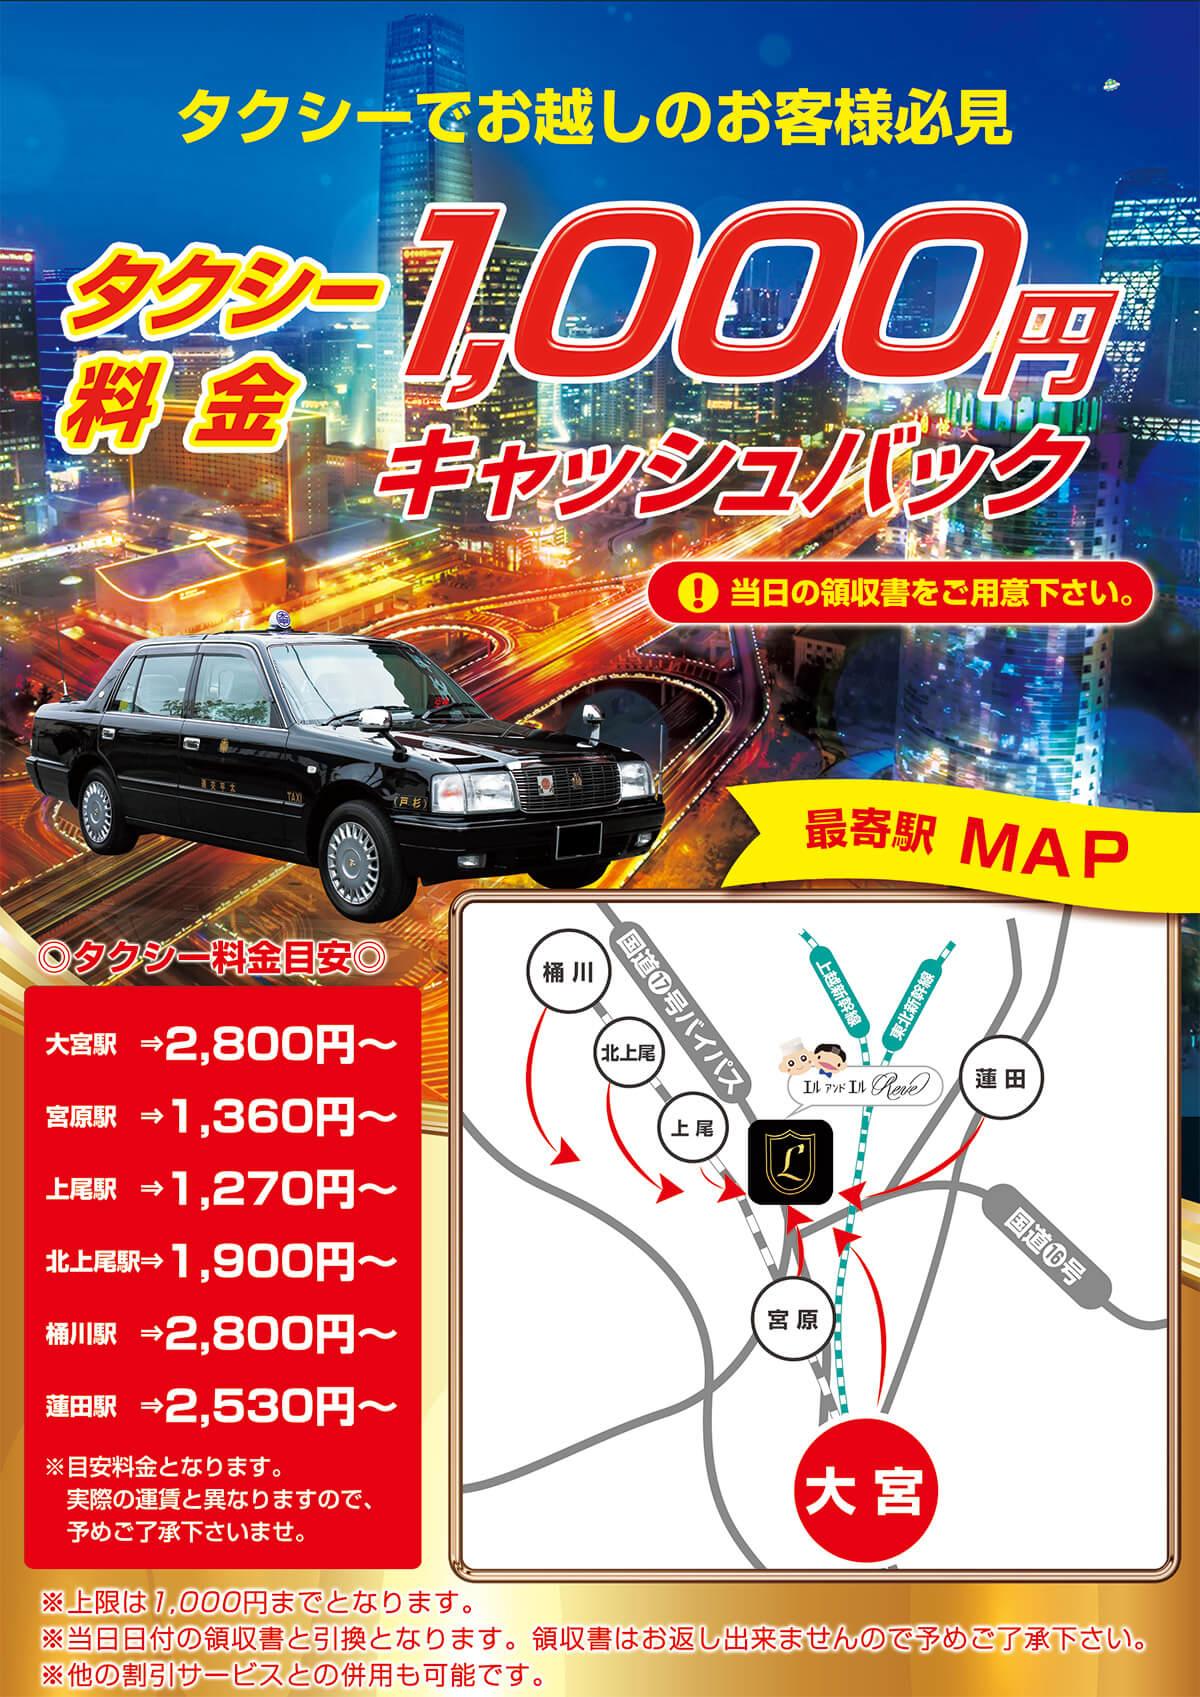 エルアンドエル大宮REVEタクシー1,000円キャッシュバック